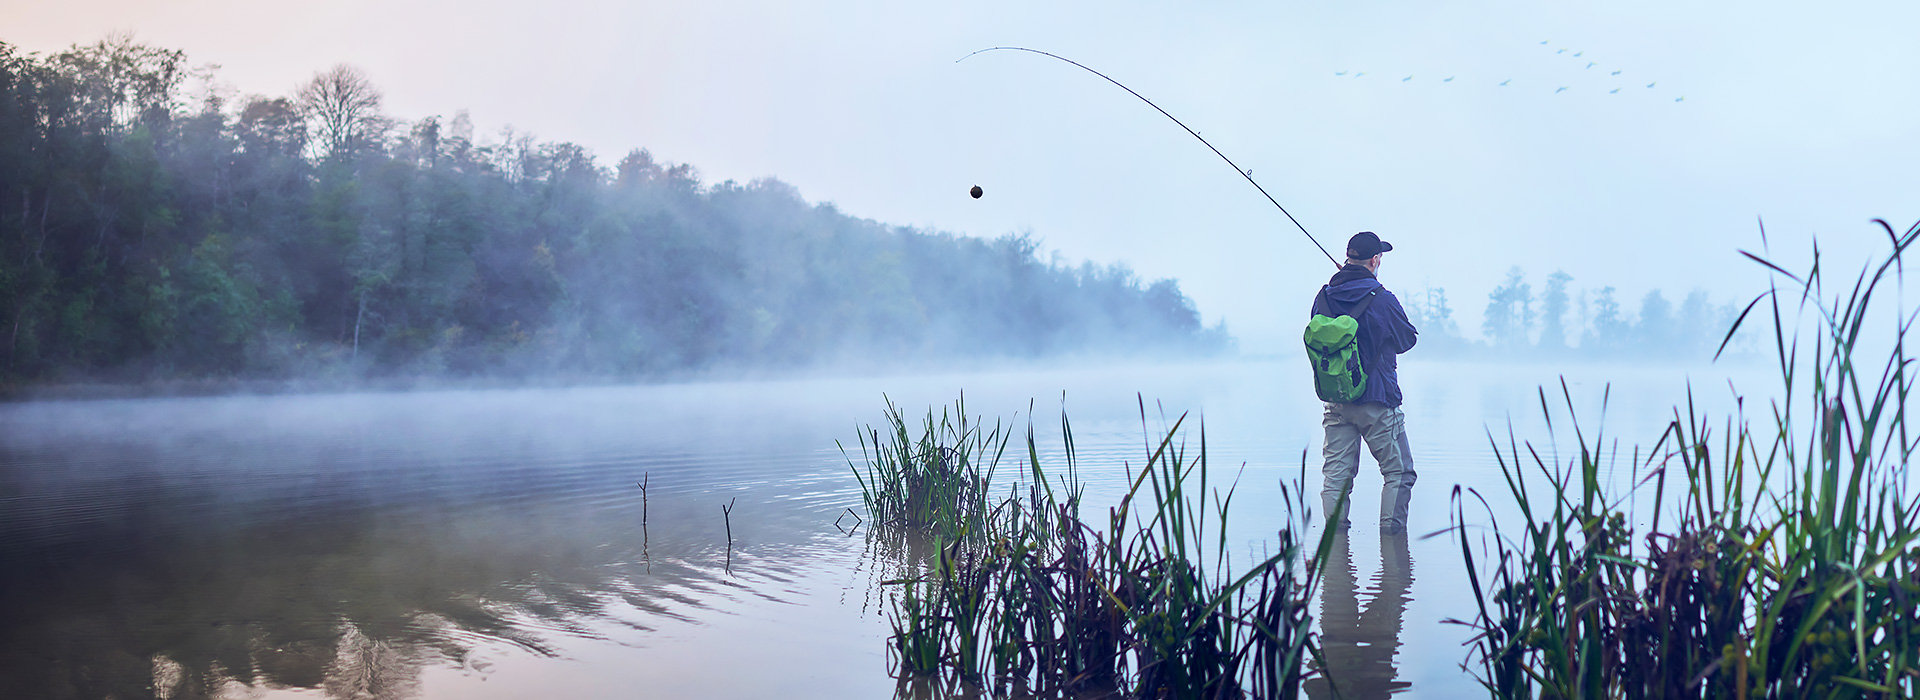 Подгответе се за предстоящия риболовен сезонЗапочнете да ловите риба интелигентно, като платите само 369,99 лв.!